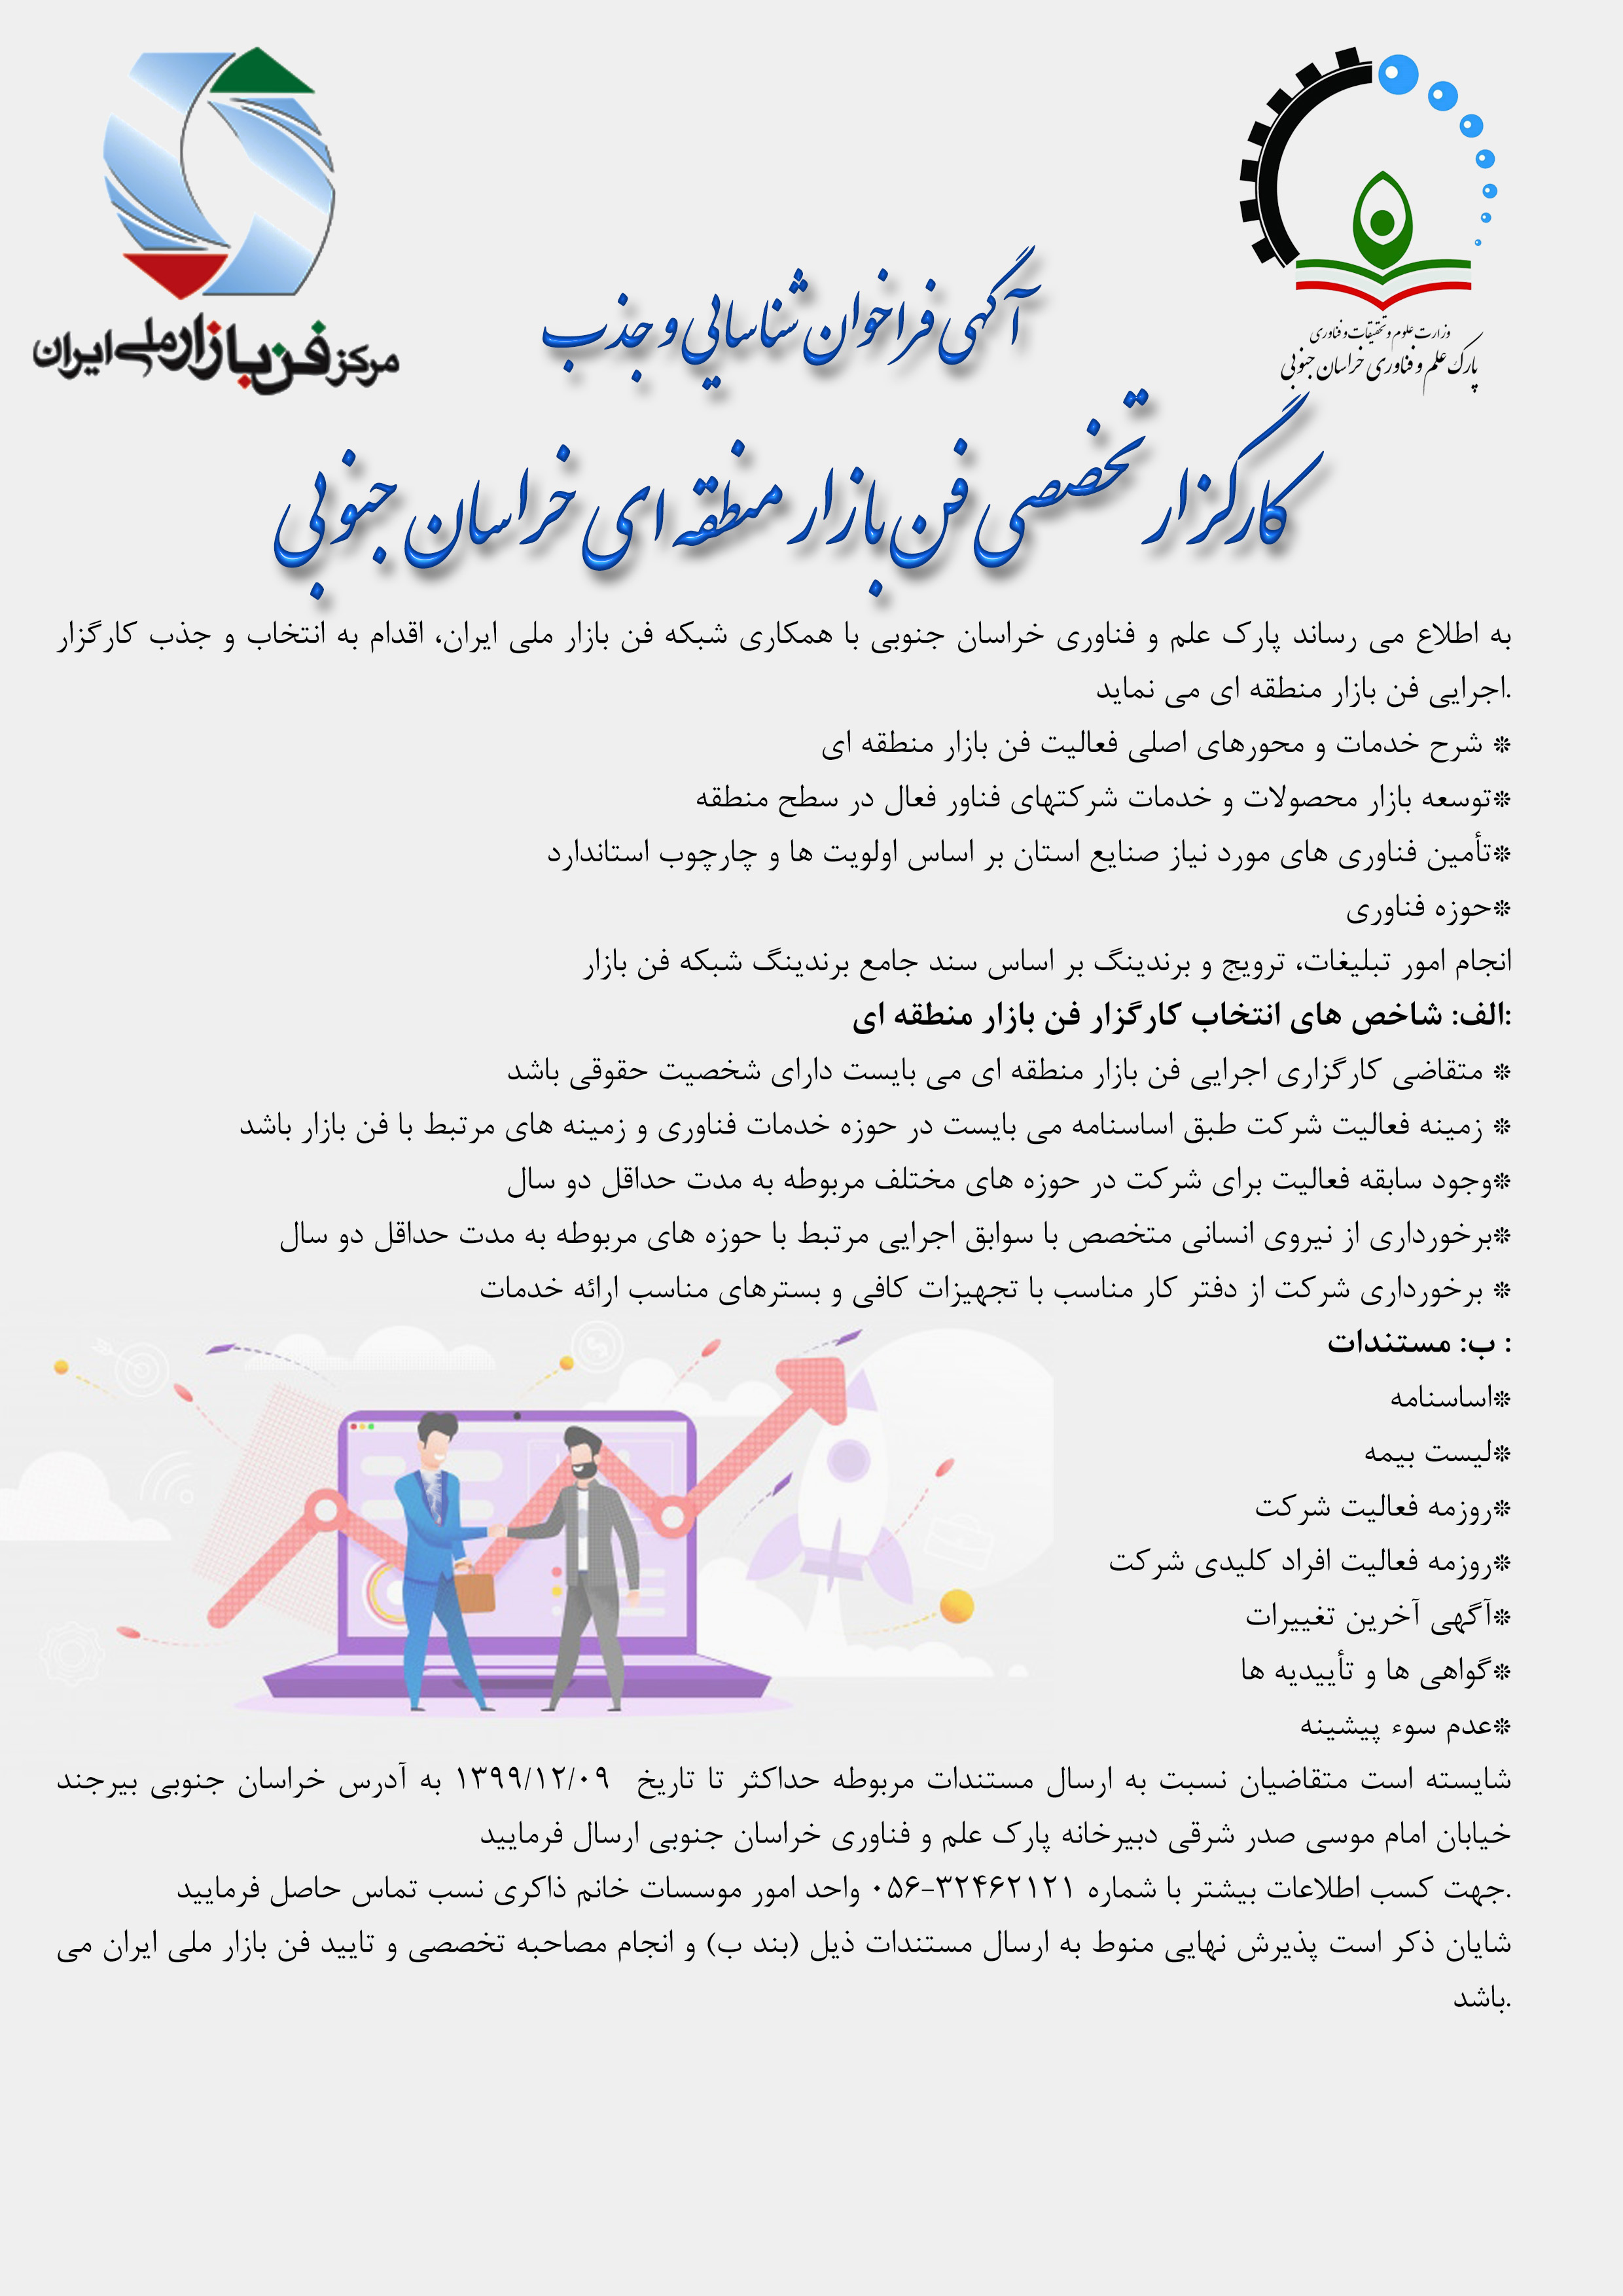 آگهی فراخوان شناسایی و جذب کارگزار تخصصی فن بازار منطقه ای خراسان جنوبی